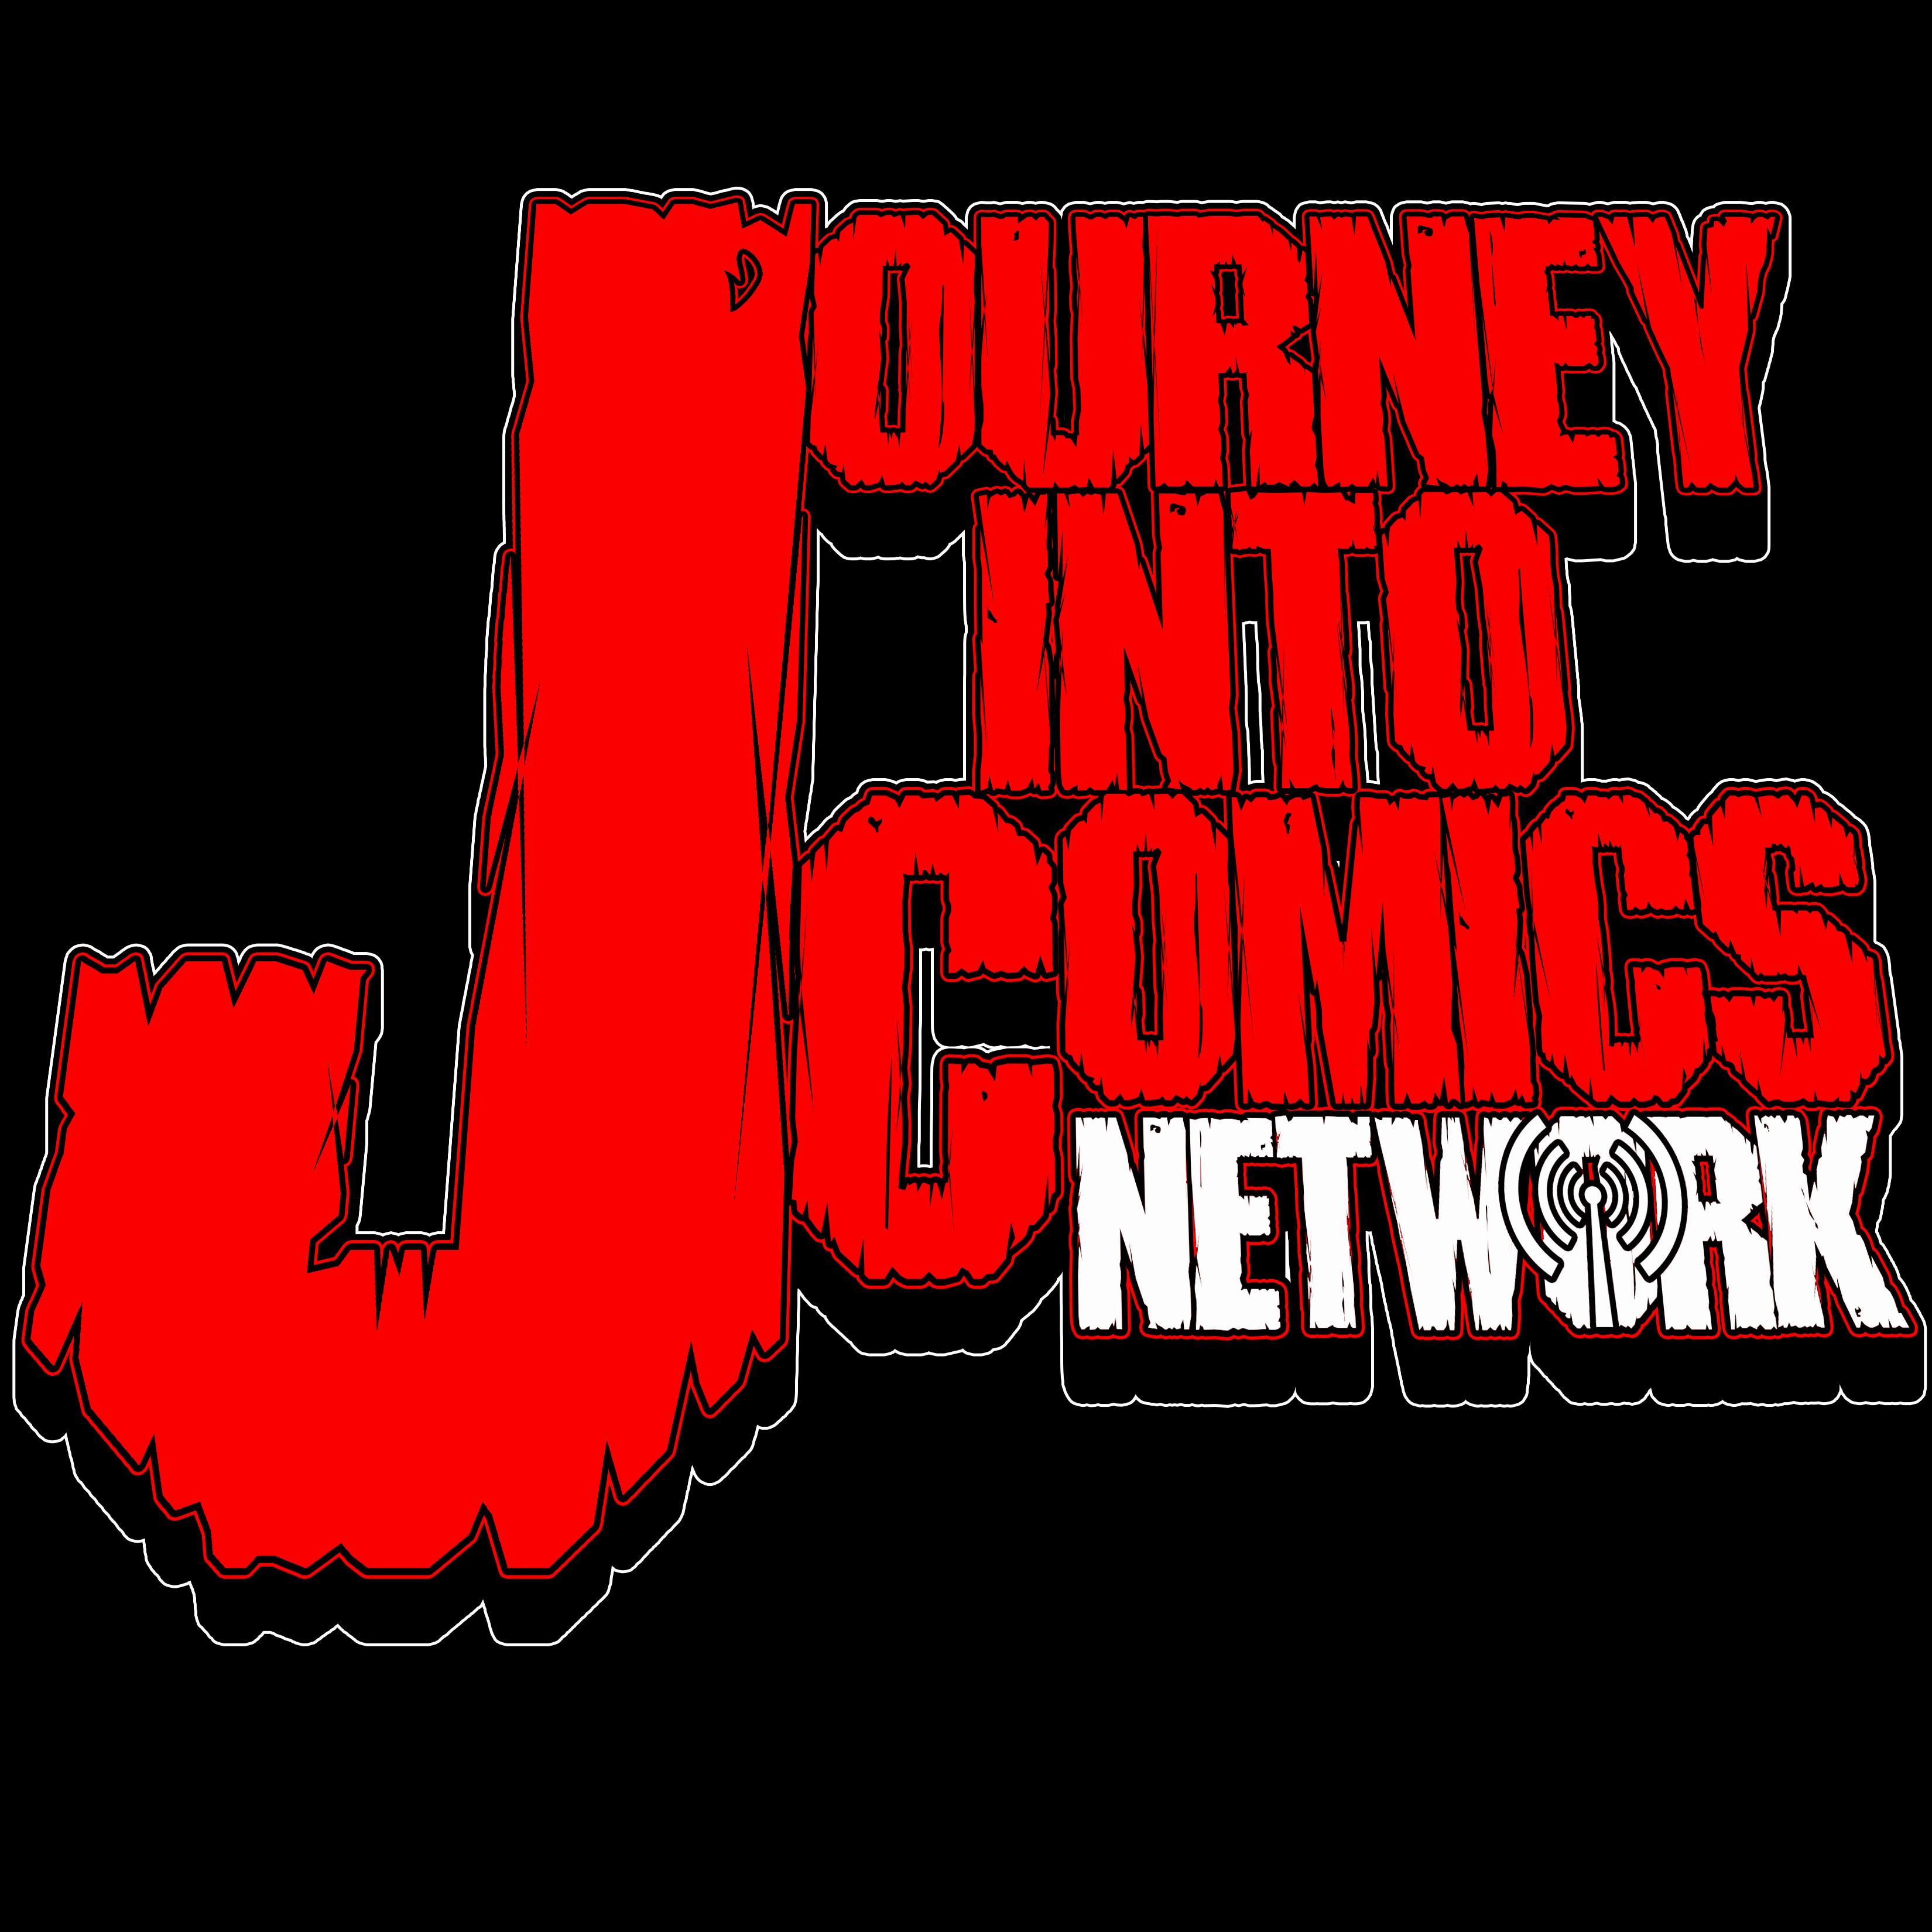 Journey Into Comics Network